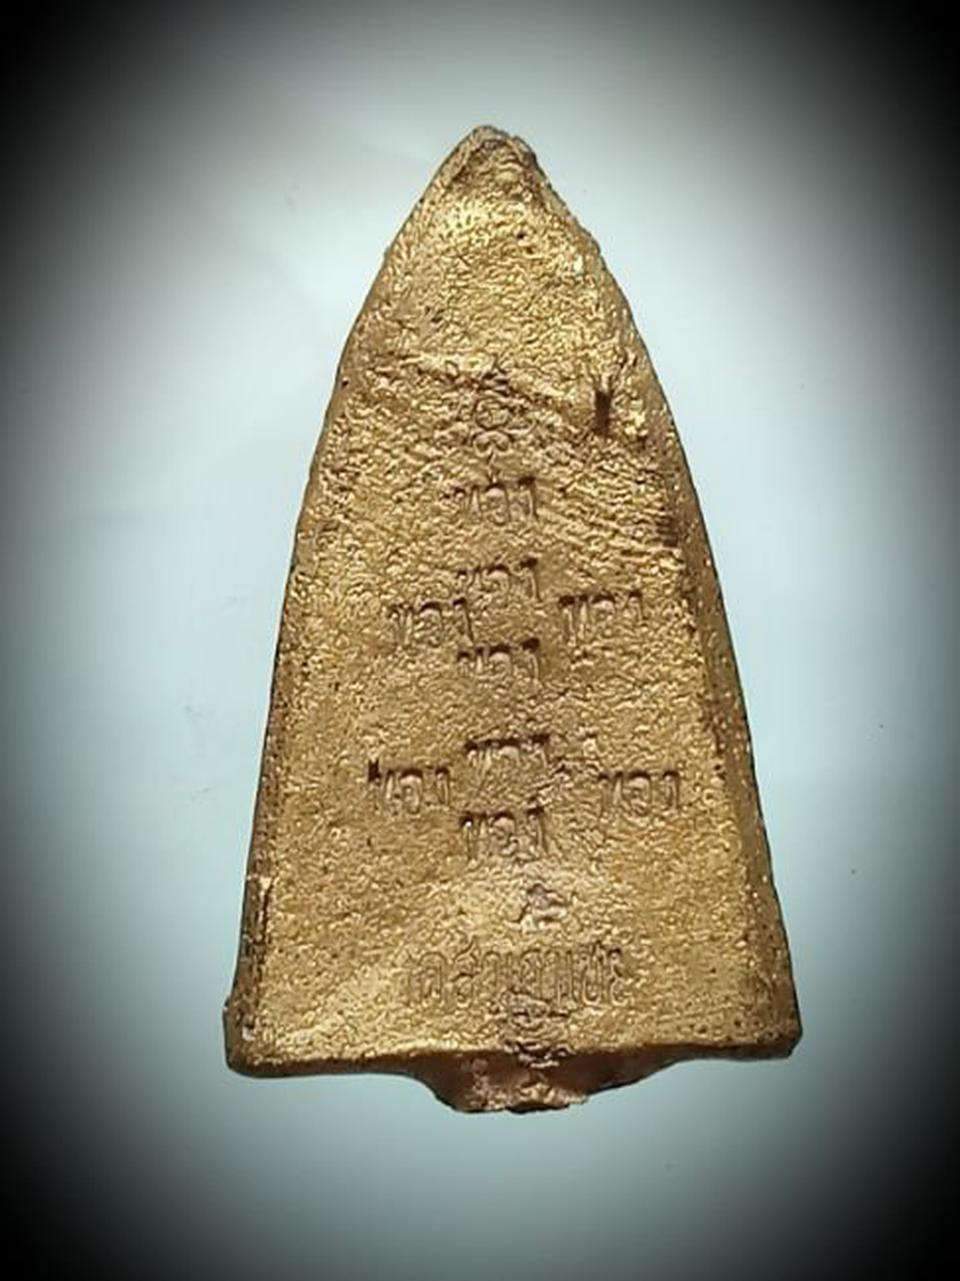 เหรียญหล่อพิมพ์เตารีดหลวงปู่ทวด เนื้อทองระฆัง รูปที่ 1